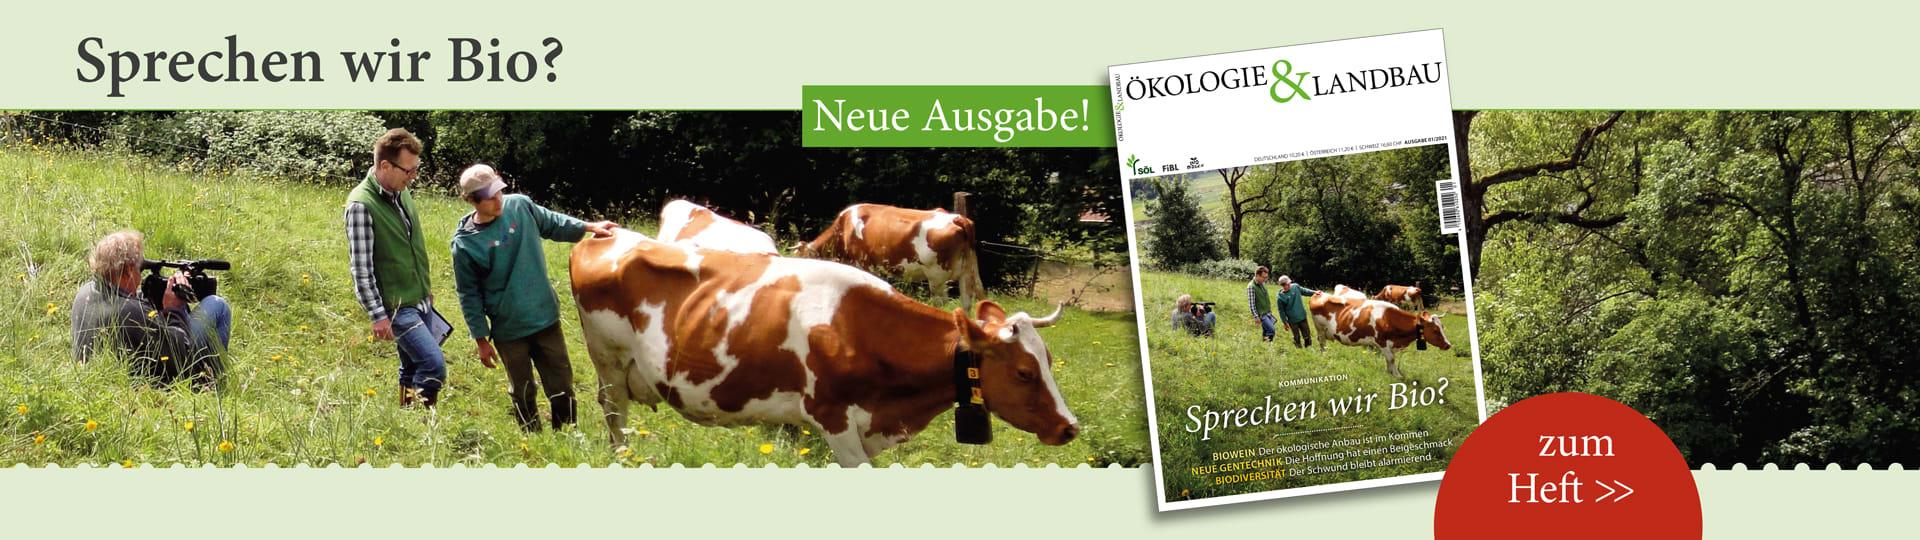 Hier kommen Sie zur neuen Ausgabe der Ökologie & Landbau